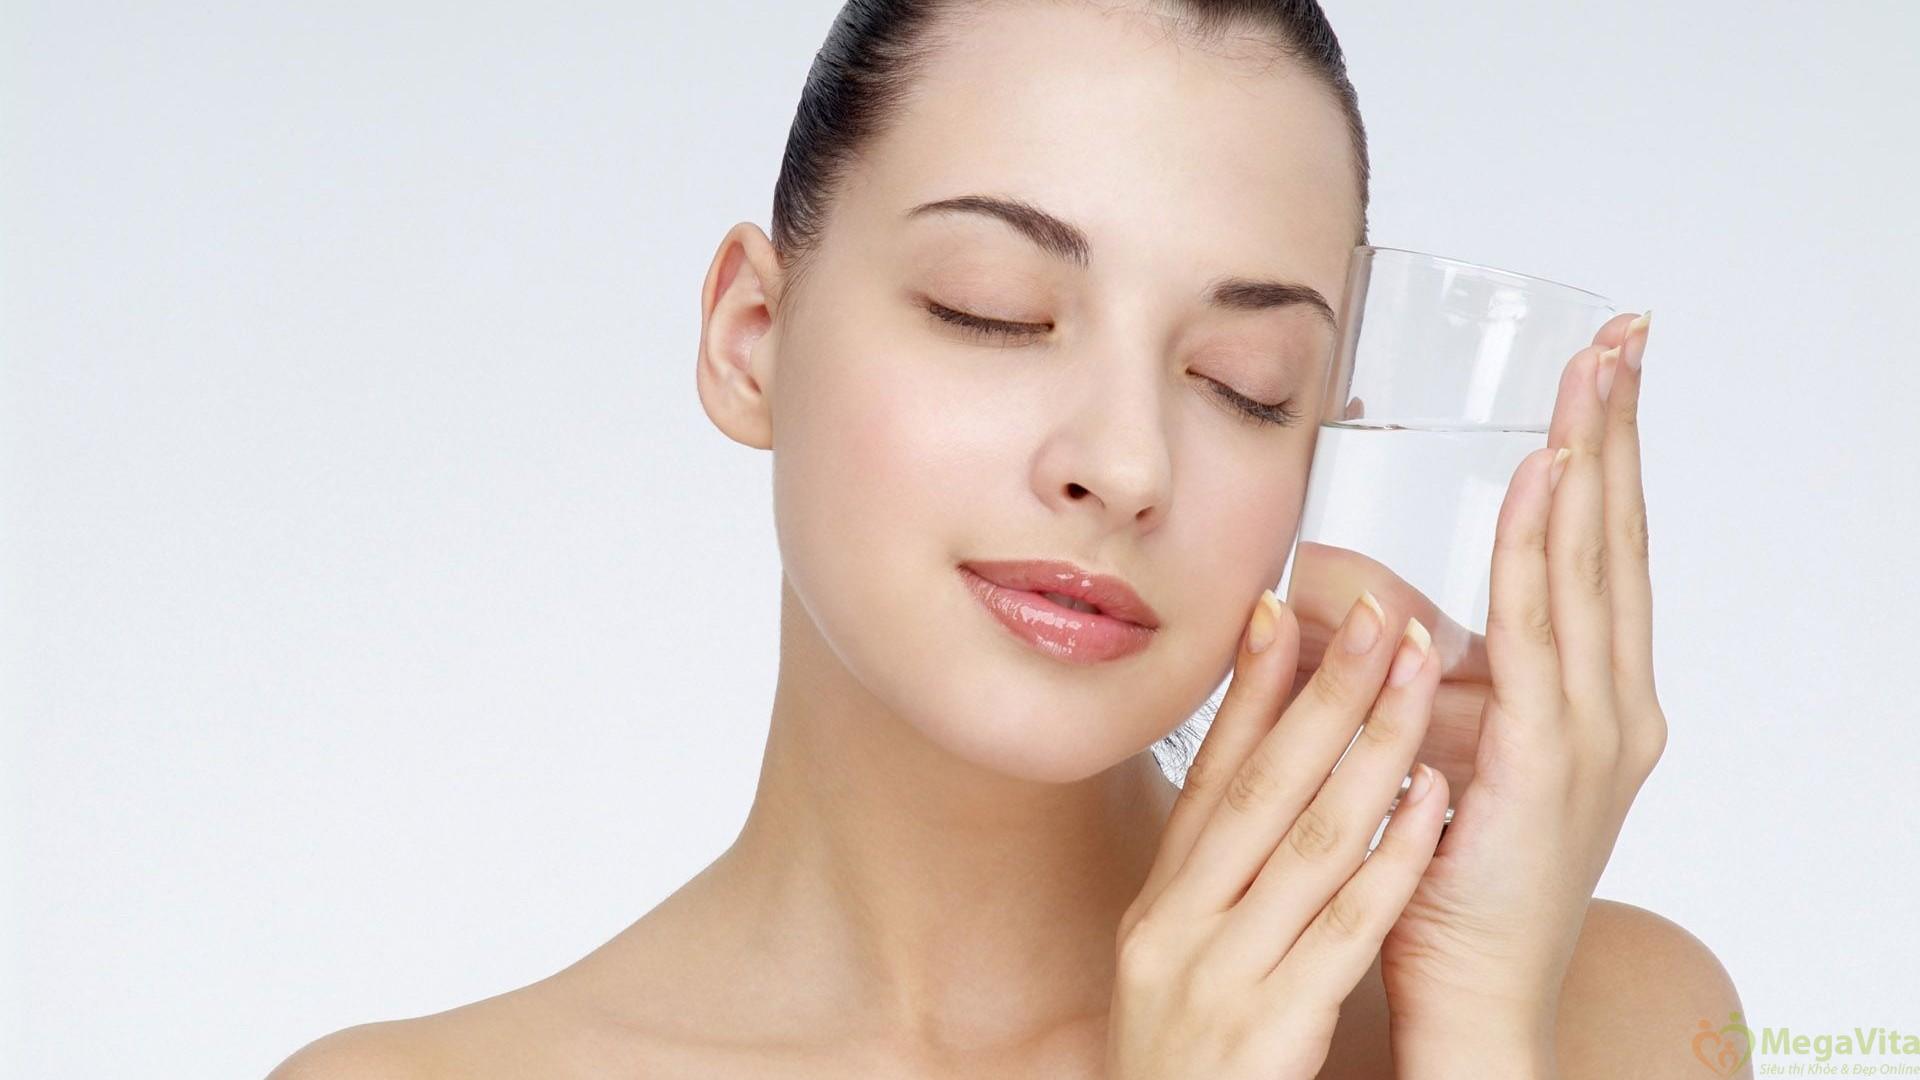 """Bác sĩ thẩm mỹ bunting cũng đồng tình và nhấn mạnh vào tính chống viêm của vitamin c """"vitamin c giải quyết gần như tất cả các vấn đề về da từ da lão hóa, làm trắng và giảm đi những đốm nâu trên da"""""""